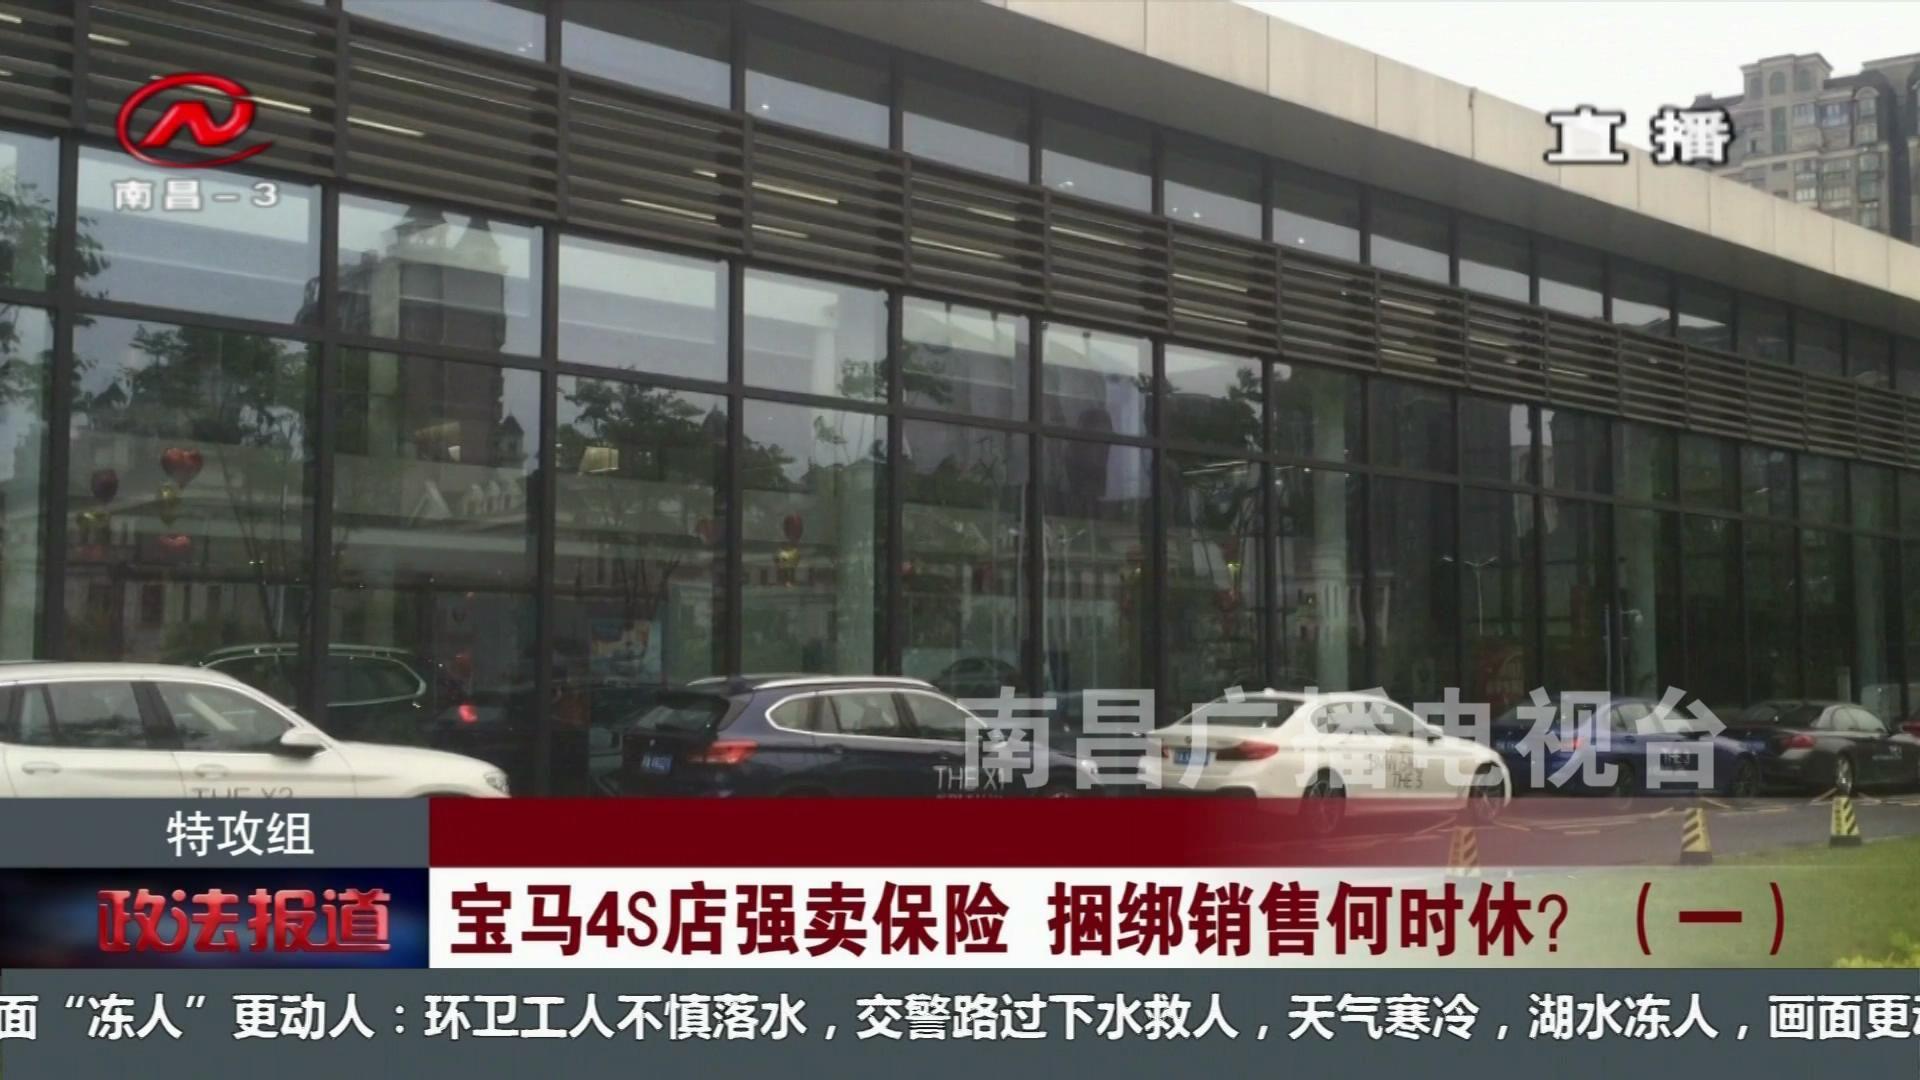 宝马4S店强卖保险 捆绑销售何时休?